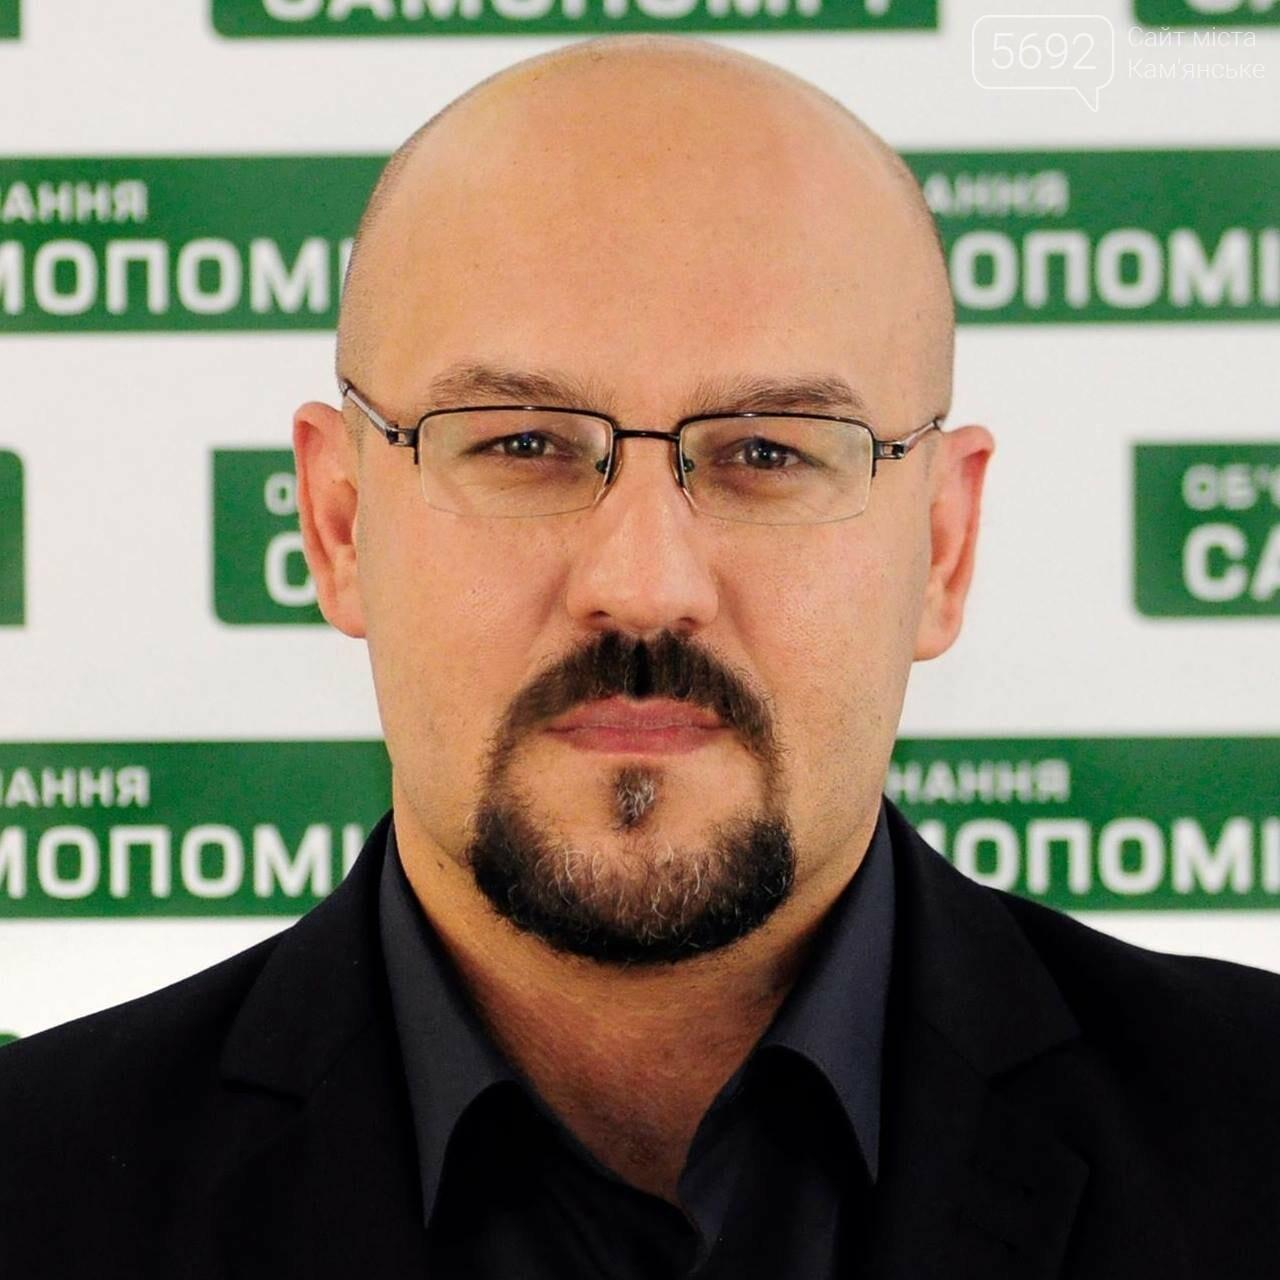 Отказ от централизованного отопления: как проголосуют депутаты Каменского, фото-3